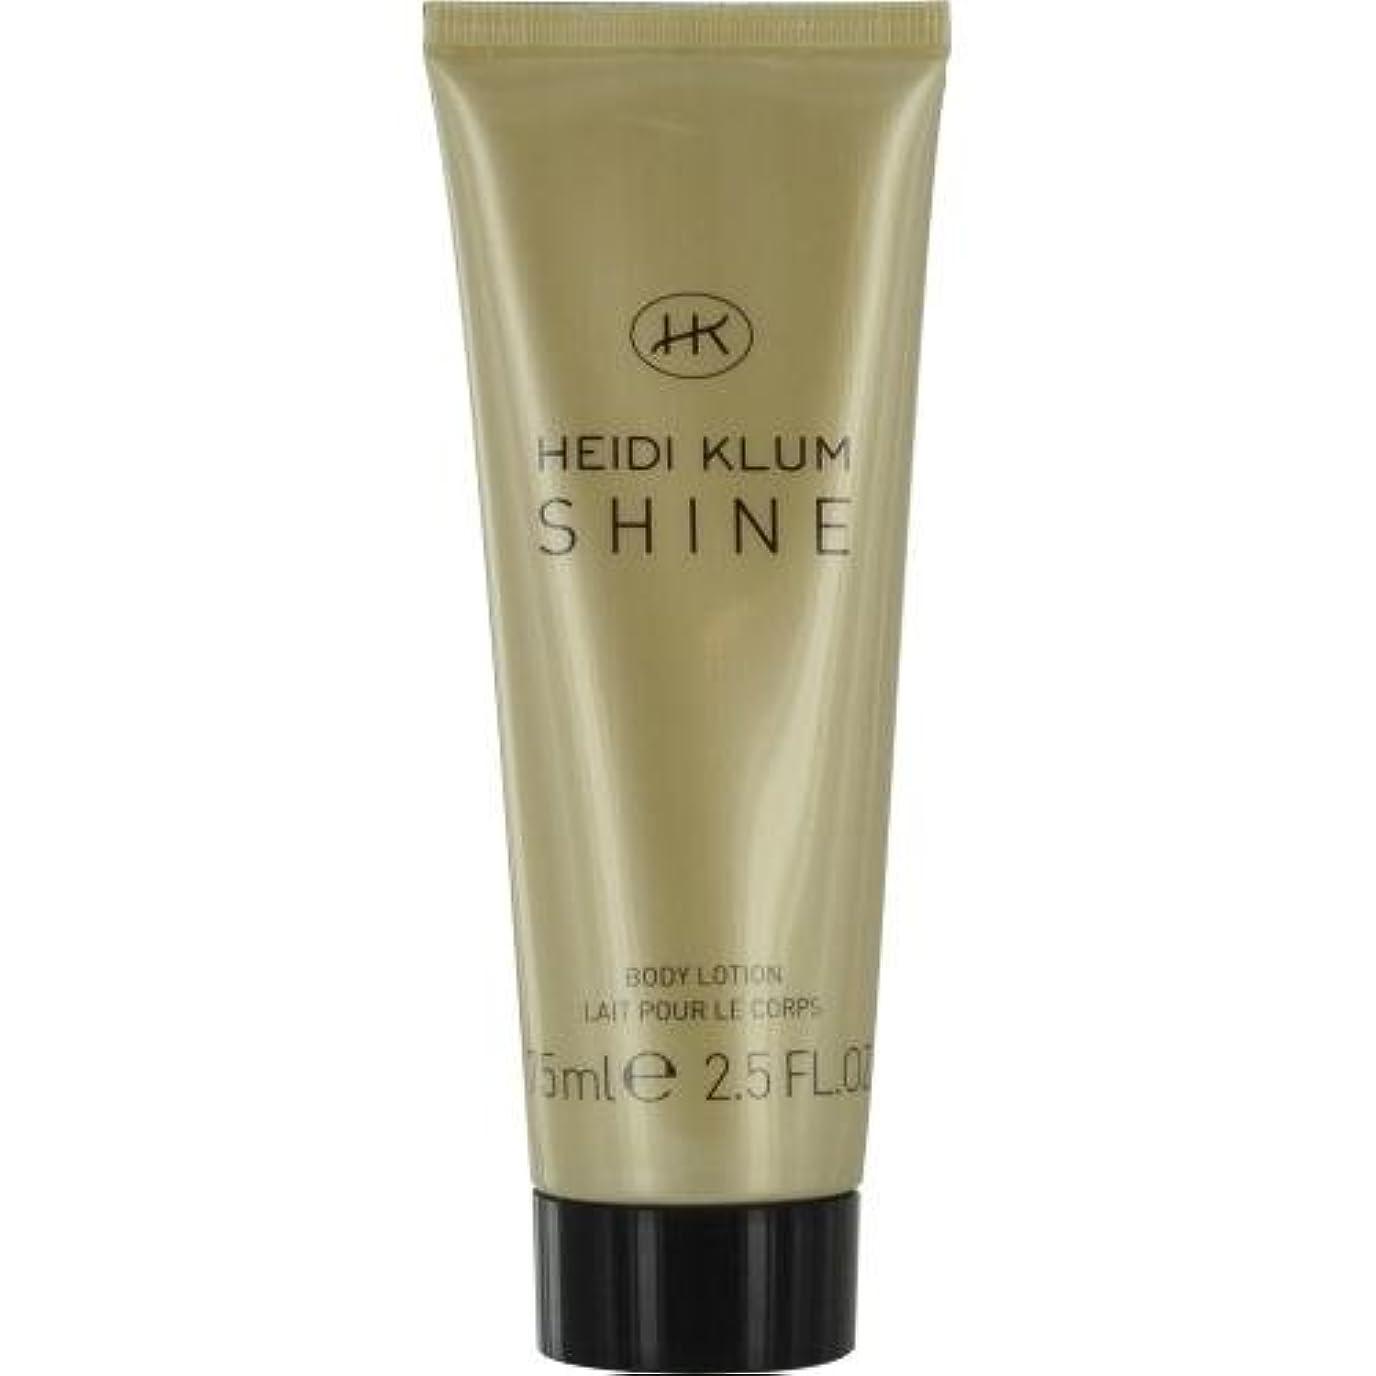 シソーラス毒性手配するHEIDI KLUM SHINE by Heidi Klum BODY LOTION 2.5 OZ for WOMEN by Heidi Klum